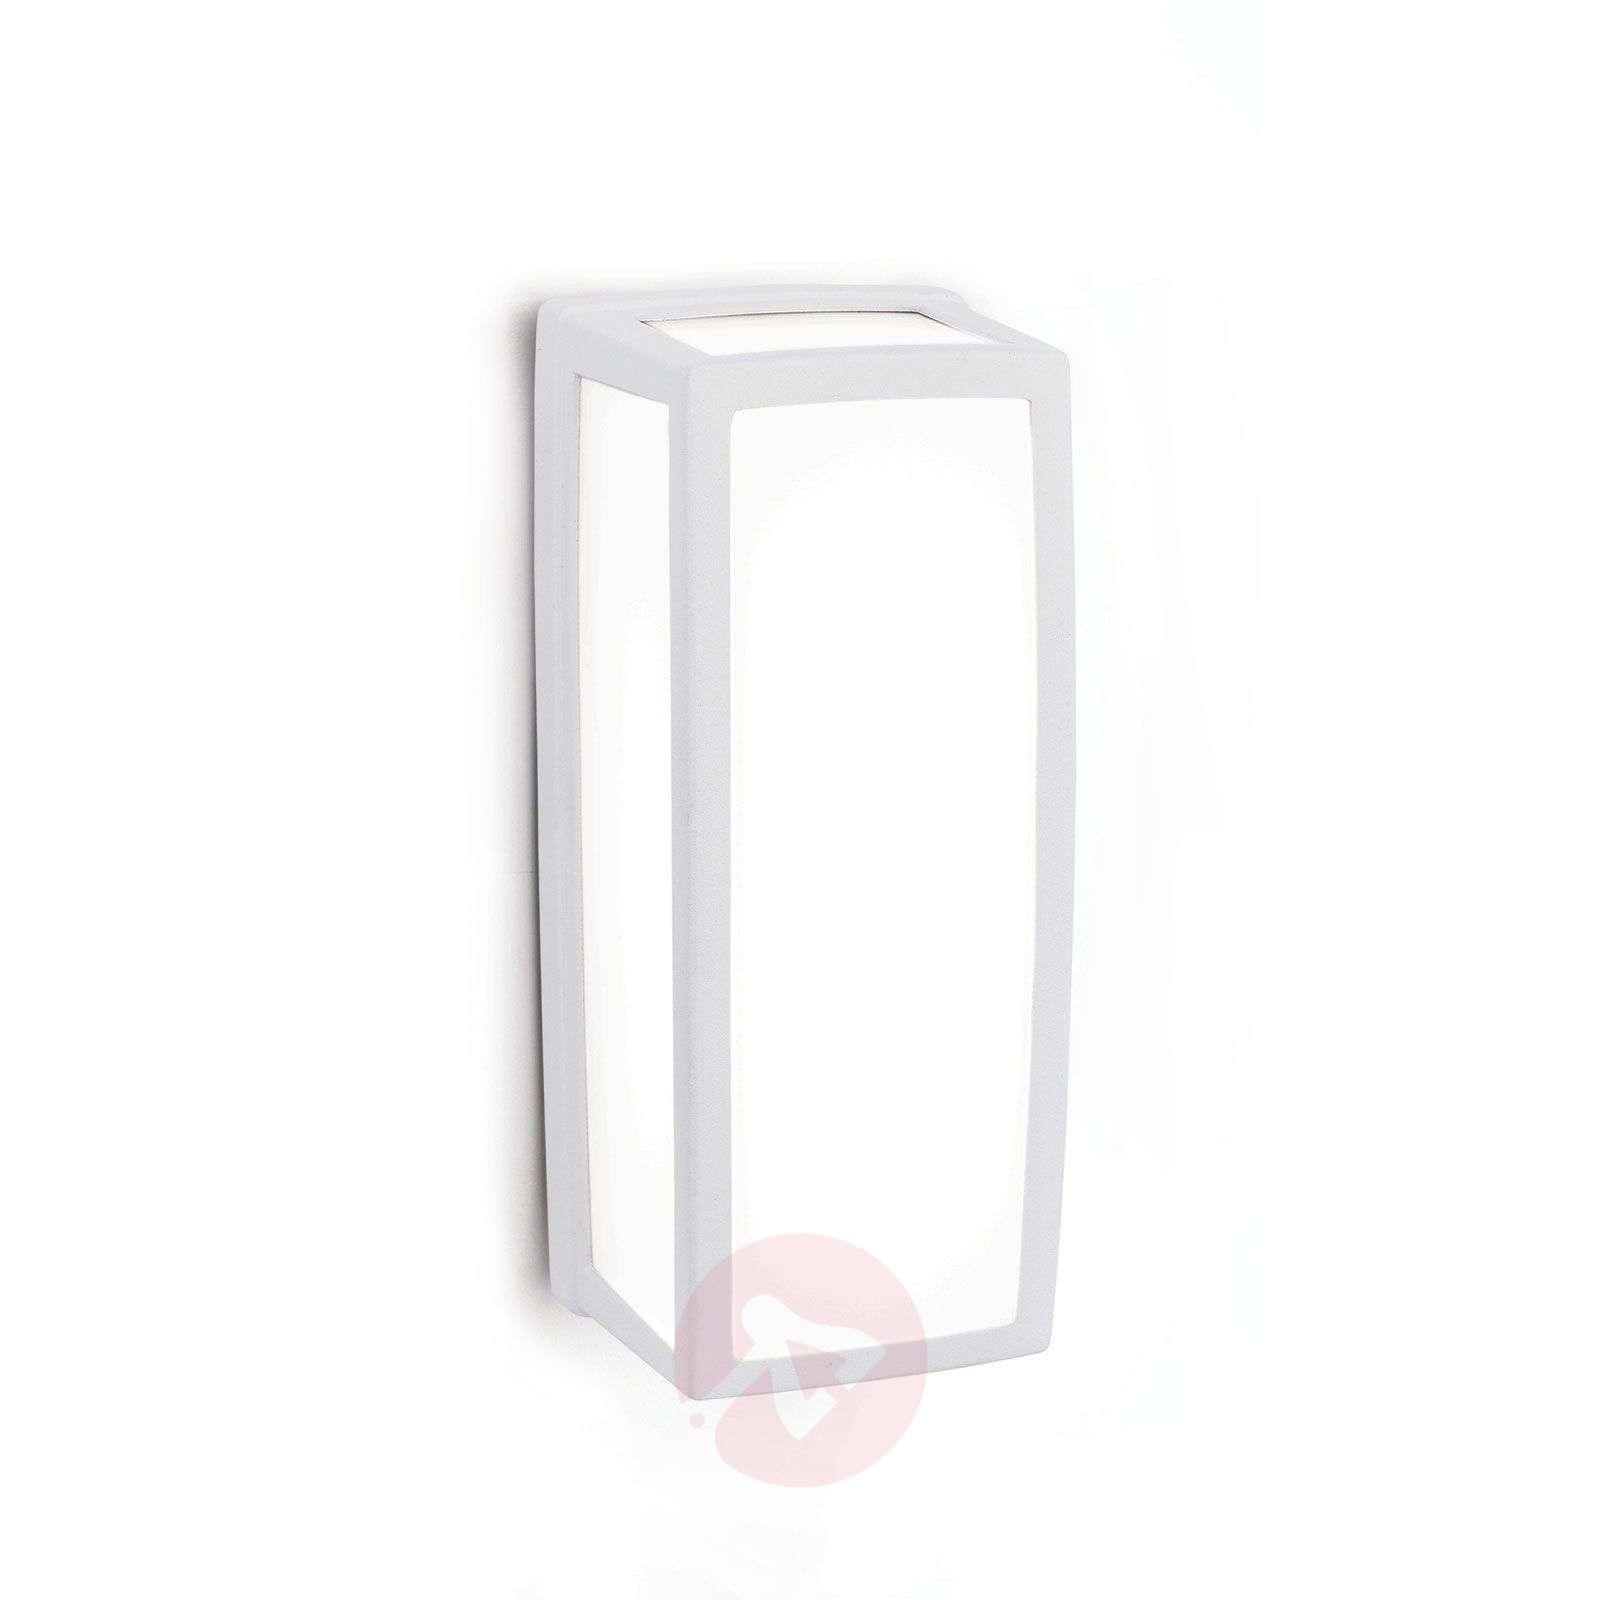 Valkoinen LED-ulkoseinävalaisin Bob IP54 alumiinia-7255348-01